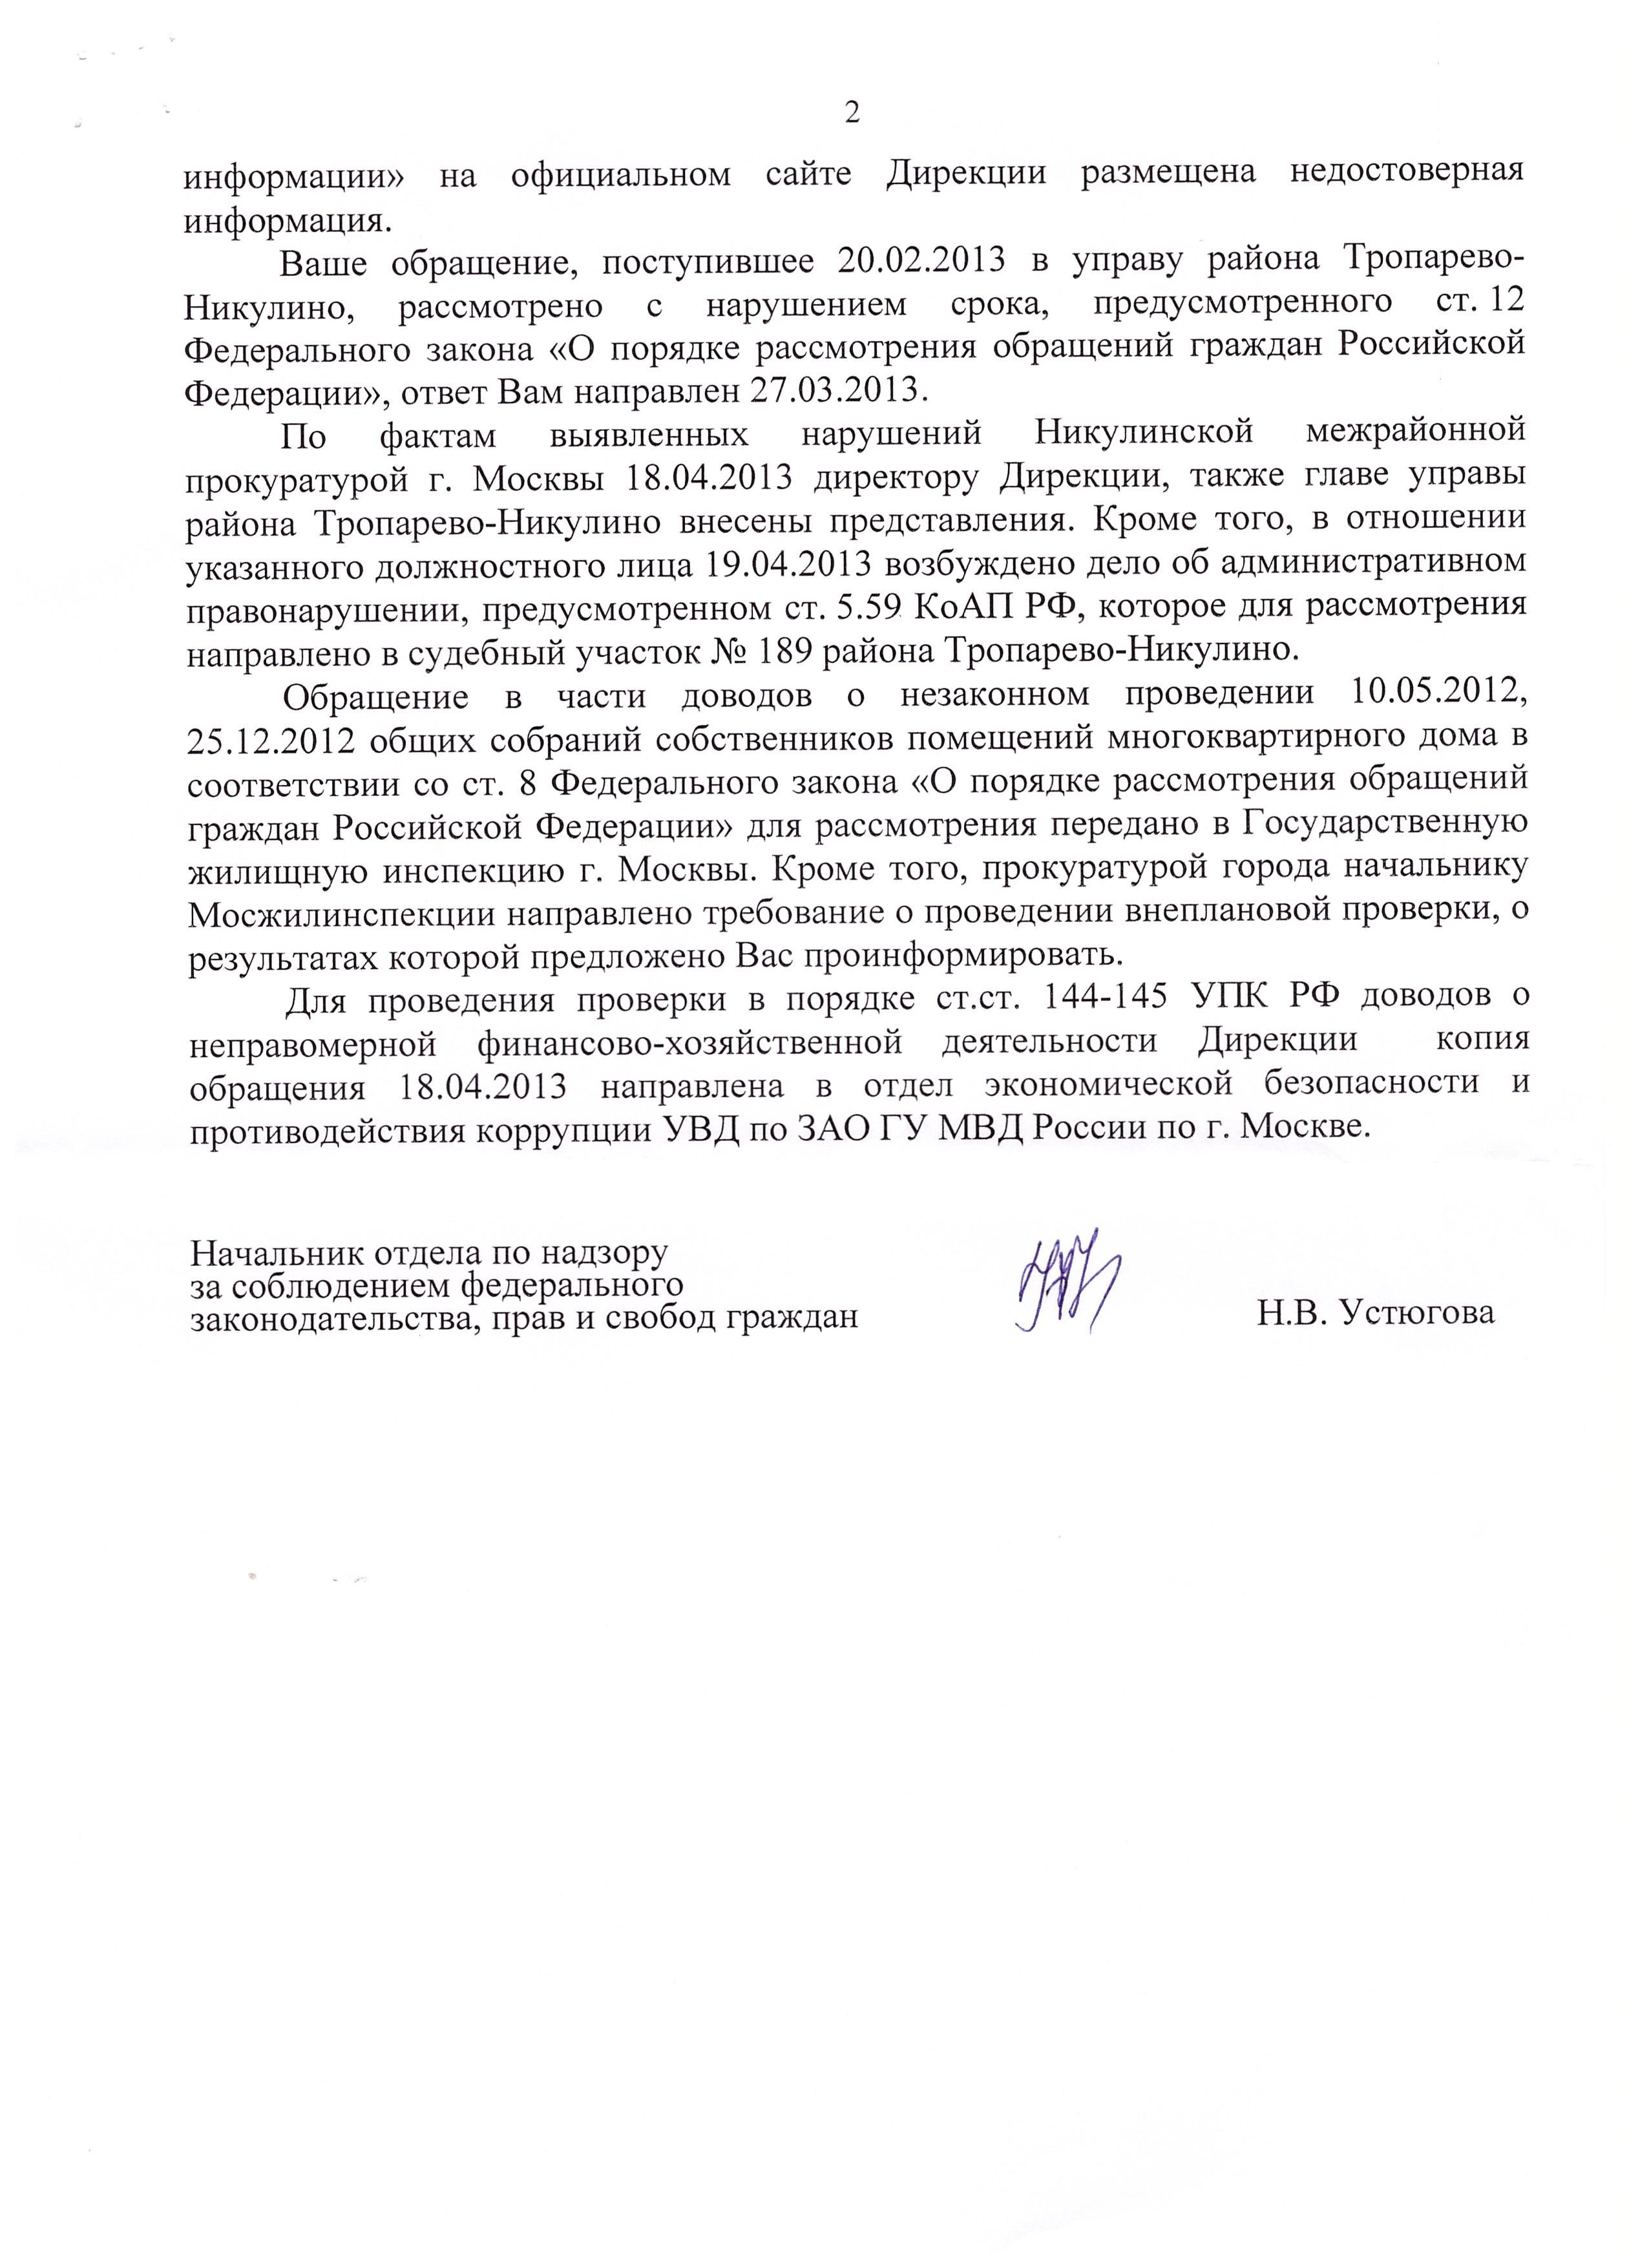 019_2013-03-25_Клычков(Анохина 6.3) ответ Прокуратура (от Клычкова) часть 2